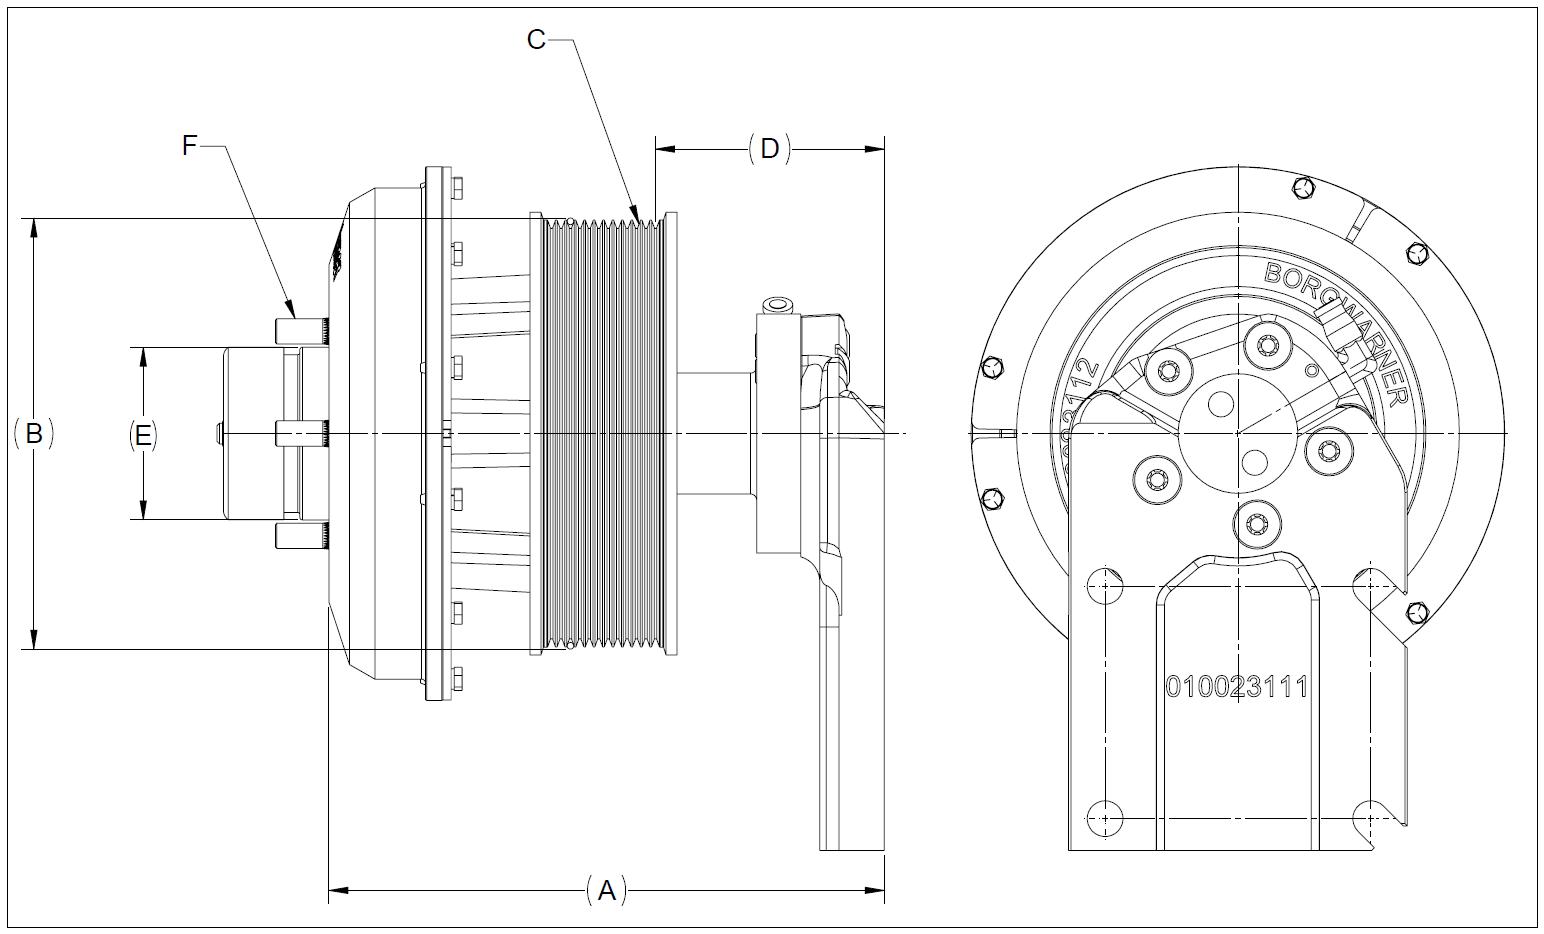 010023088 K30 Rear Air Fan Drive Assembly